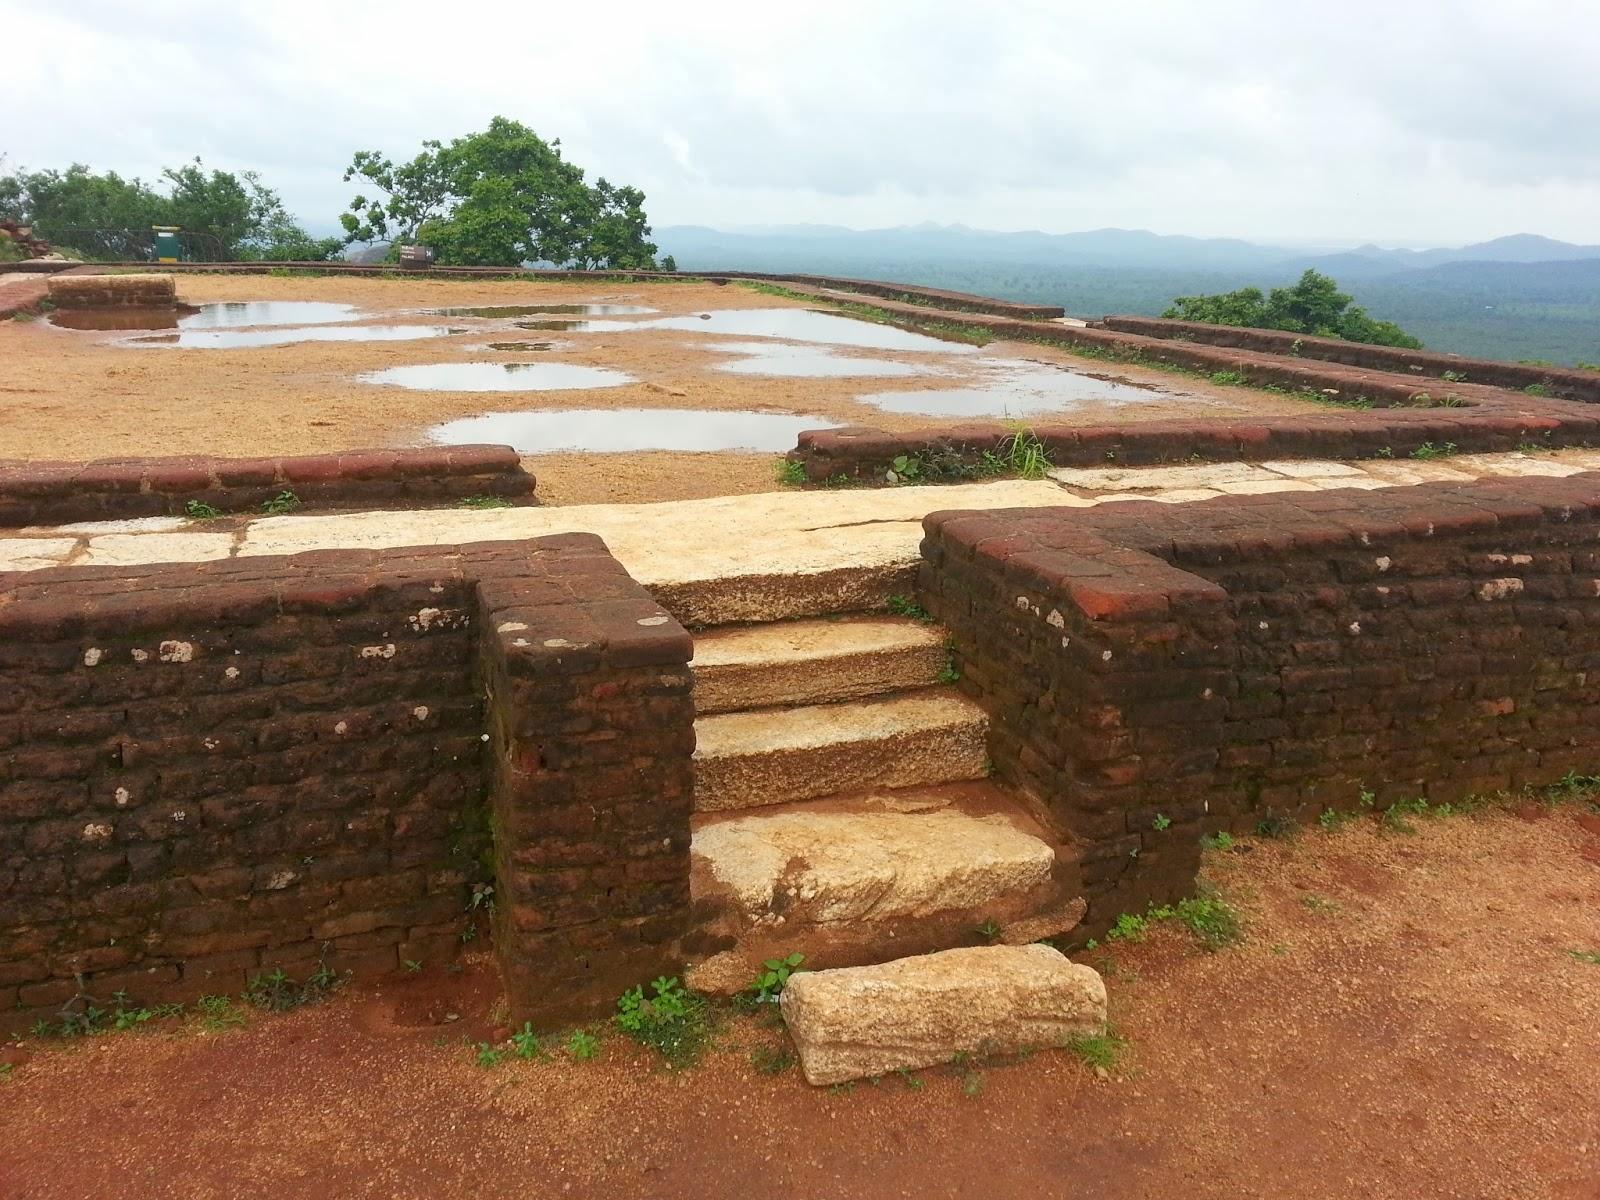 На вершину Сигирии ведет мраморная лестница, верхняя платформа пирамиды, подъем с земли на небо